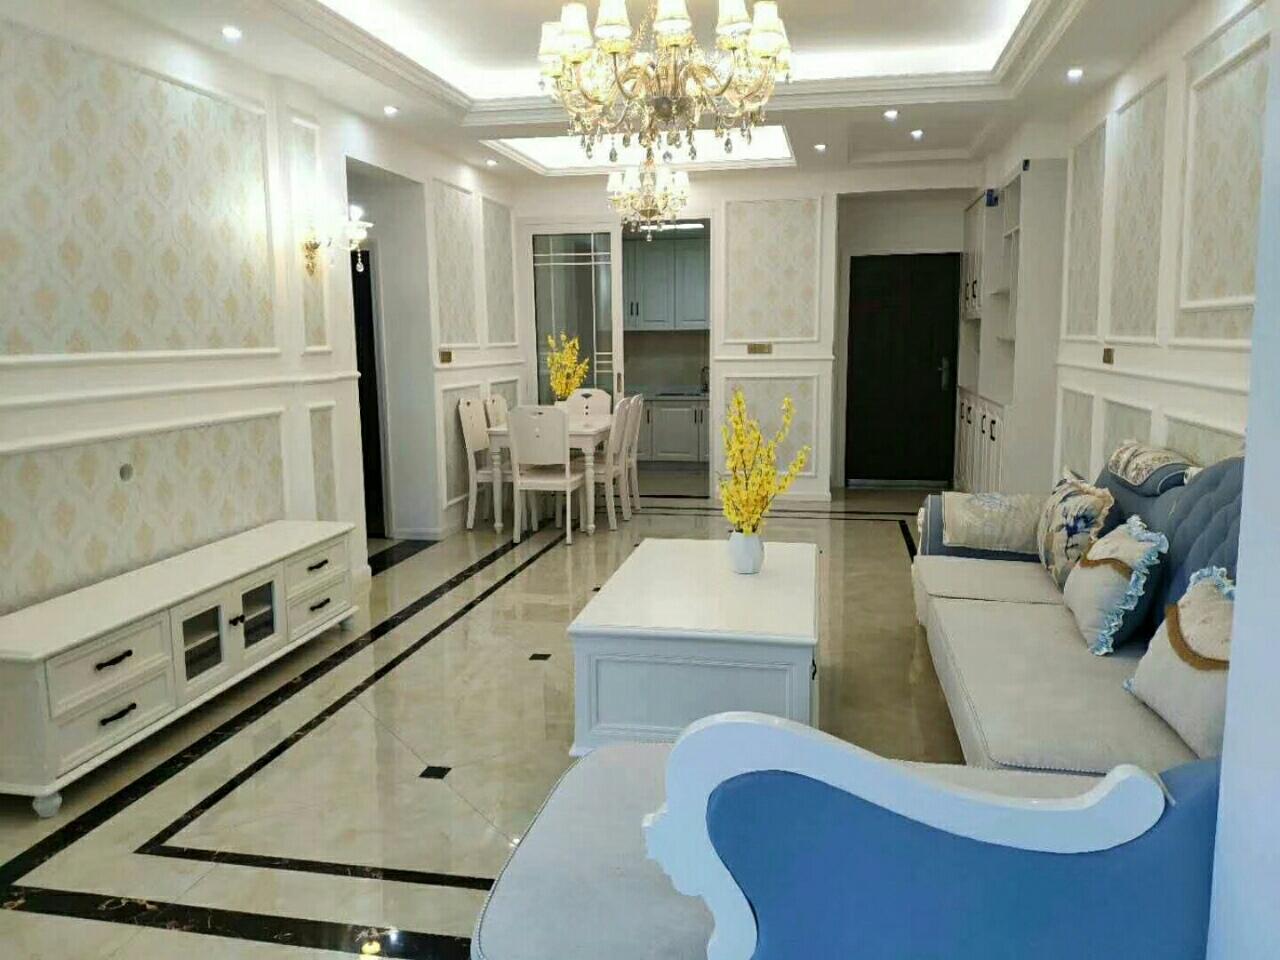 利城半岛3室2厅2卫69.8万元